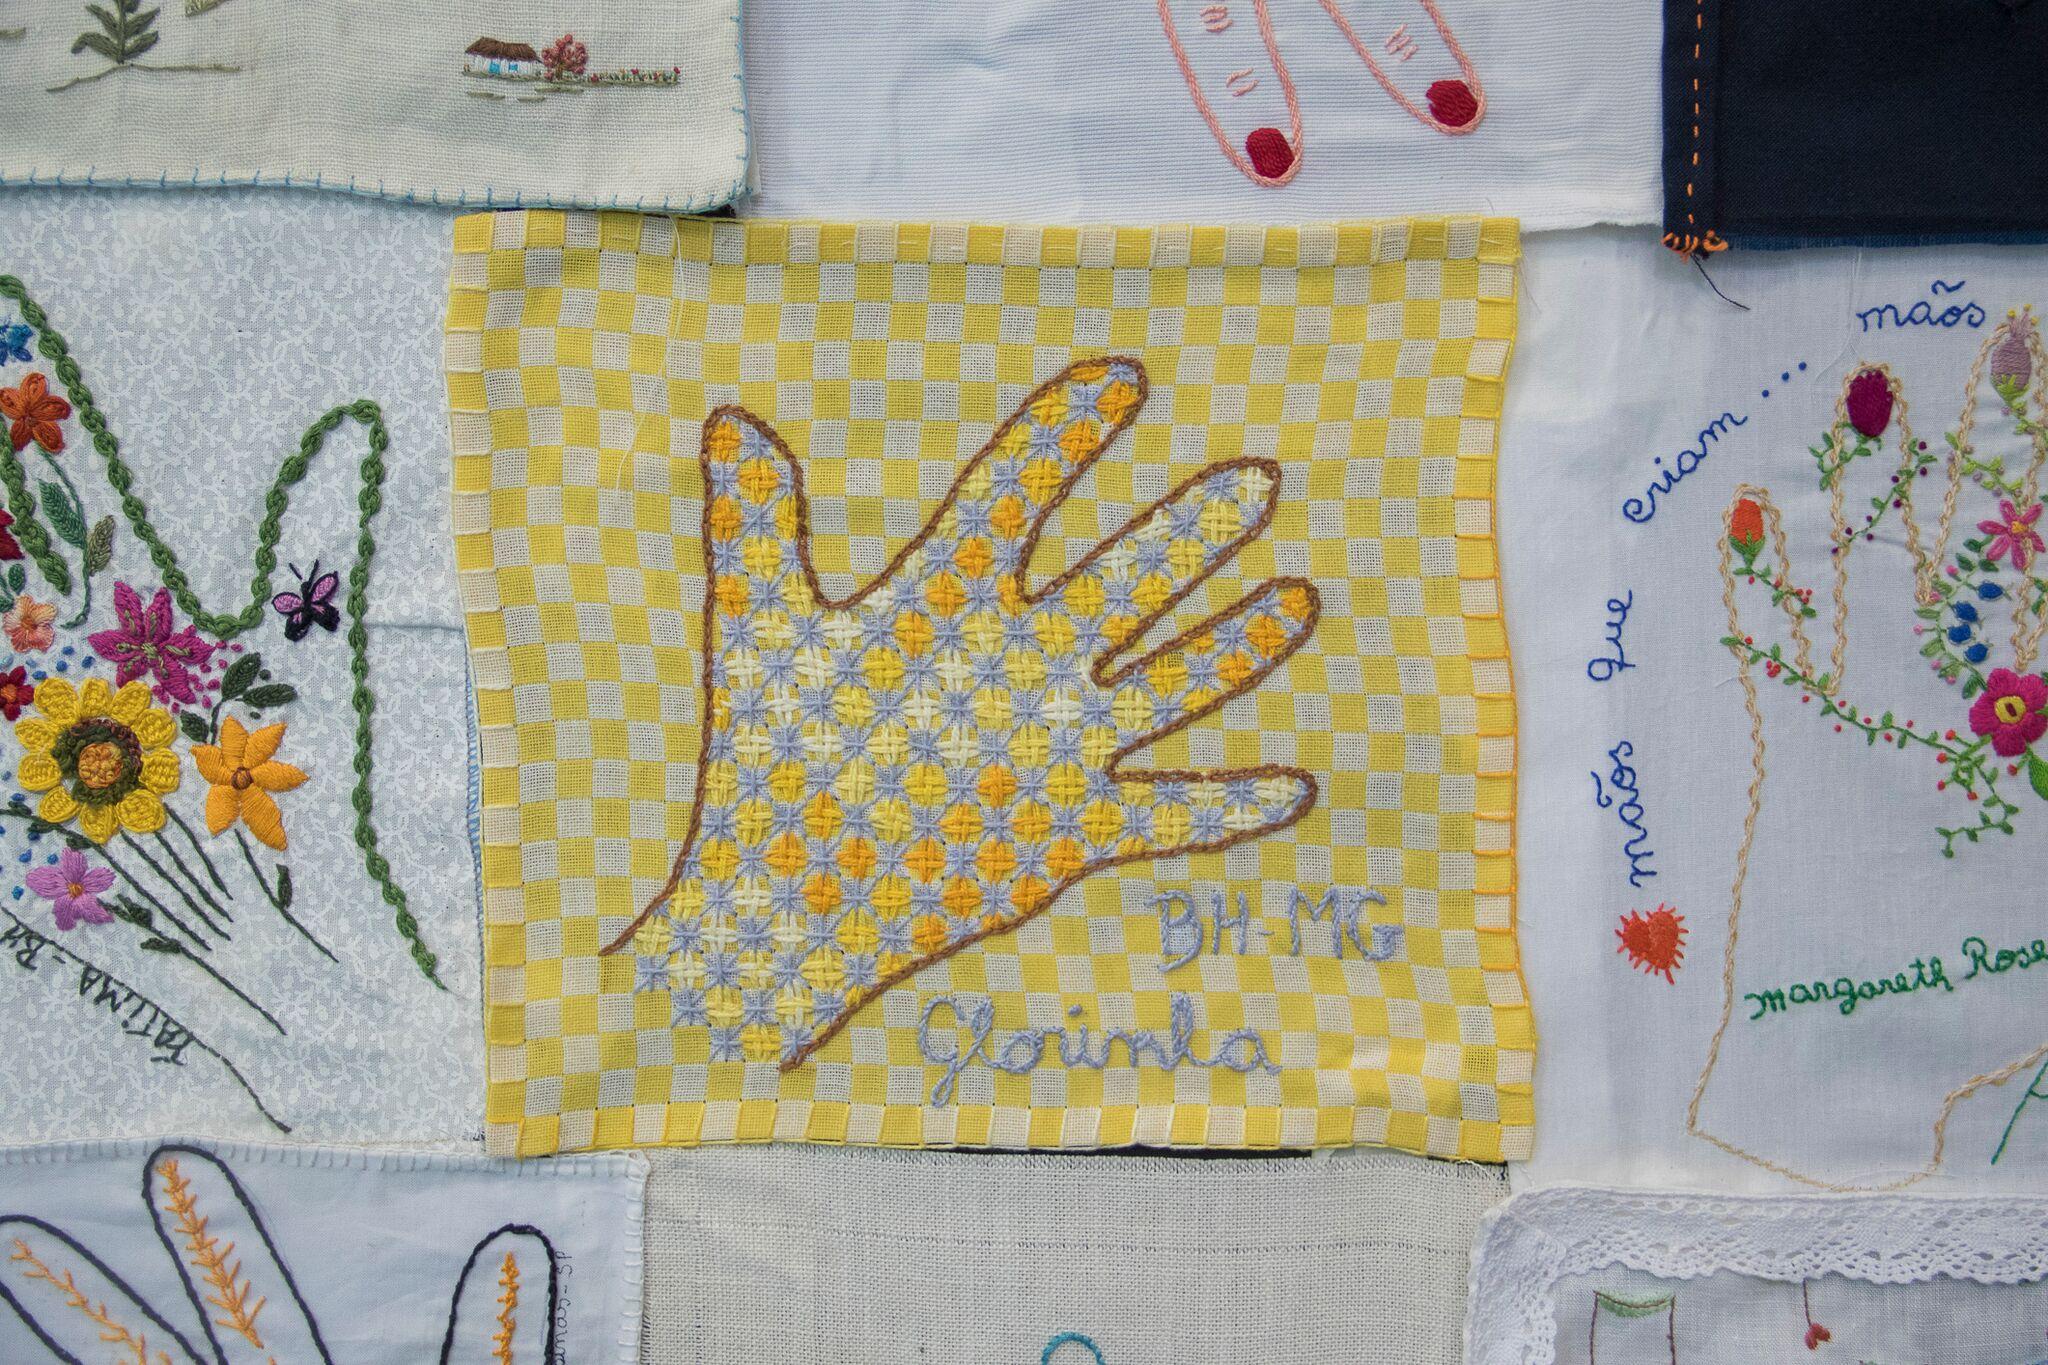 Mãos2